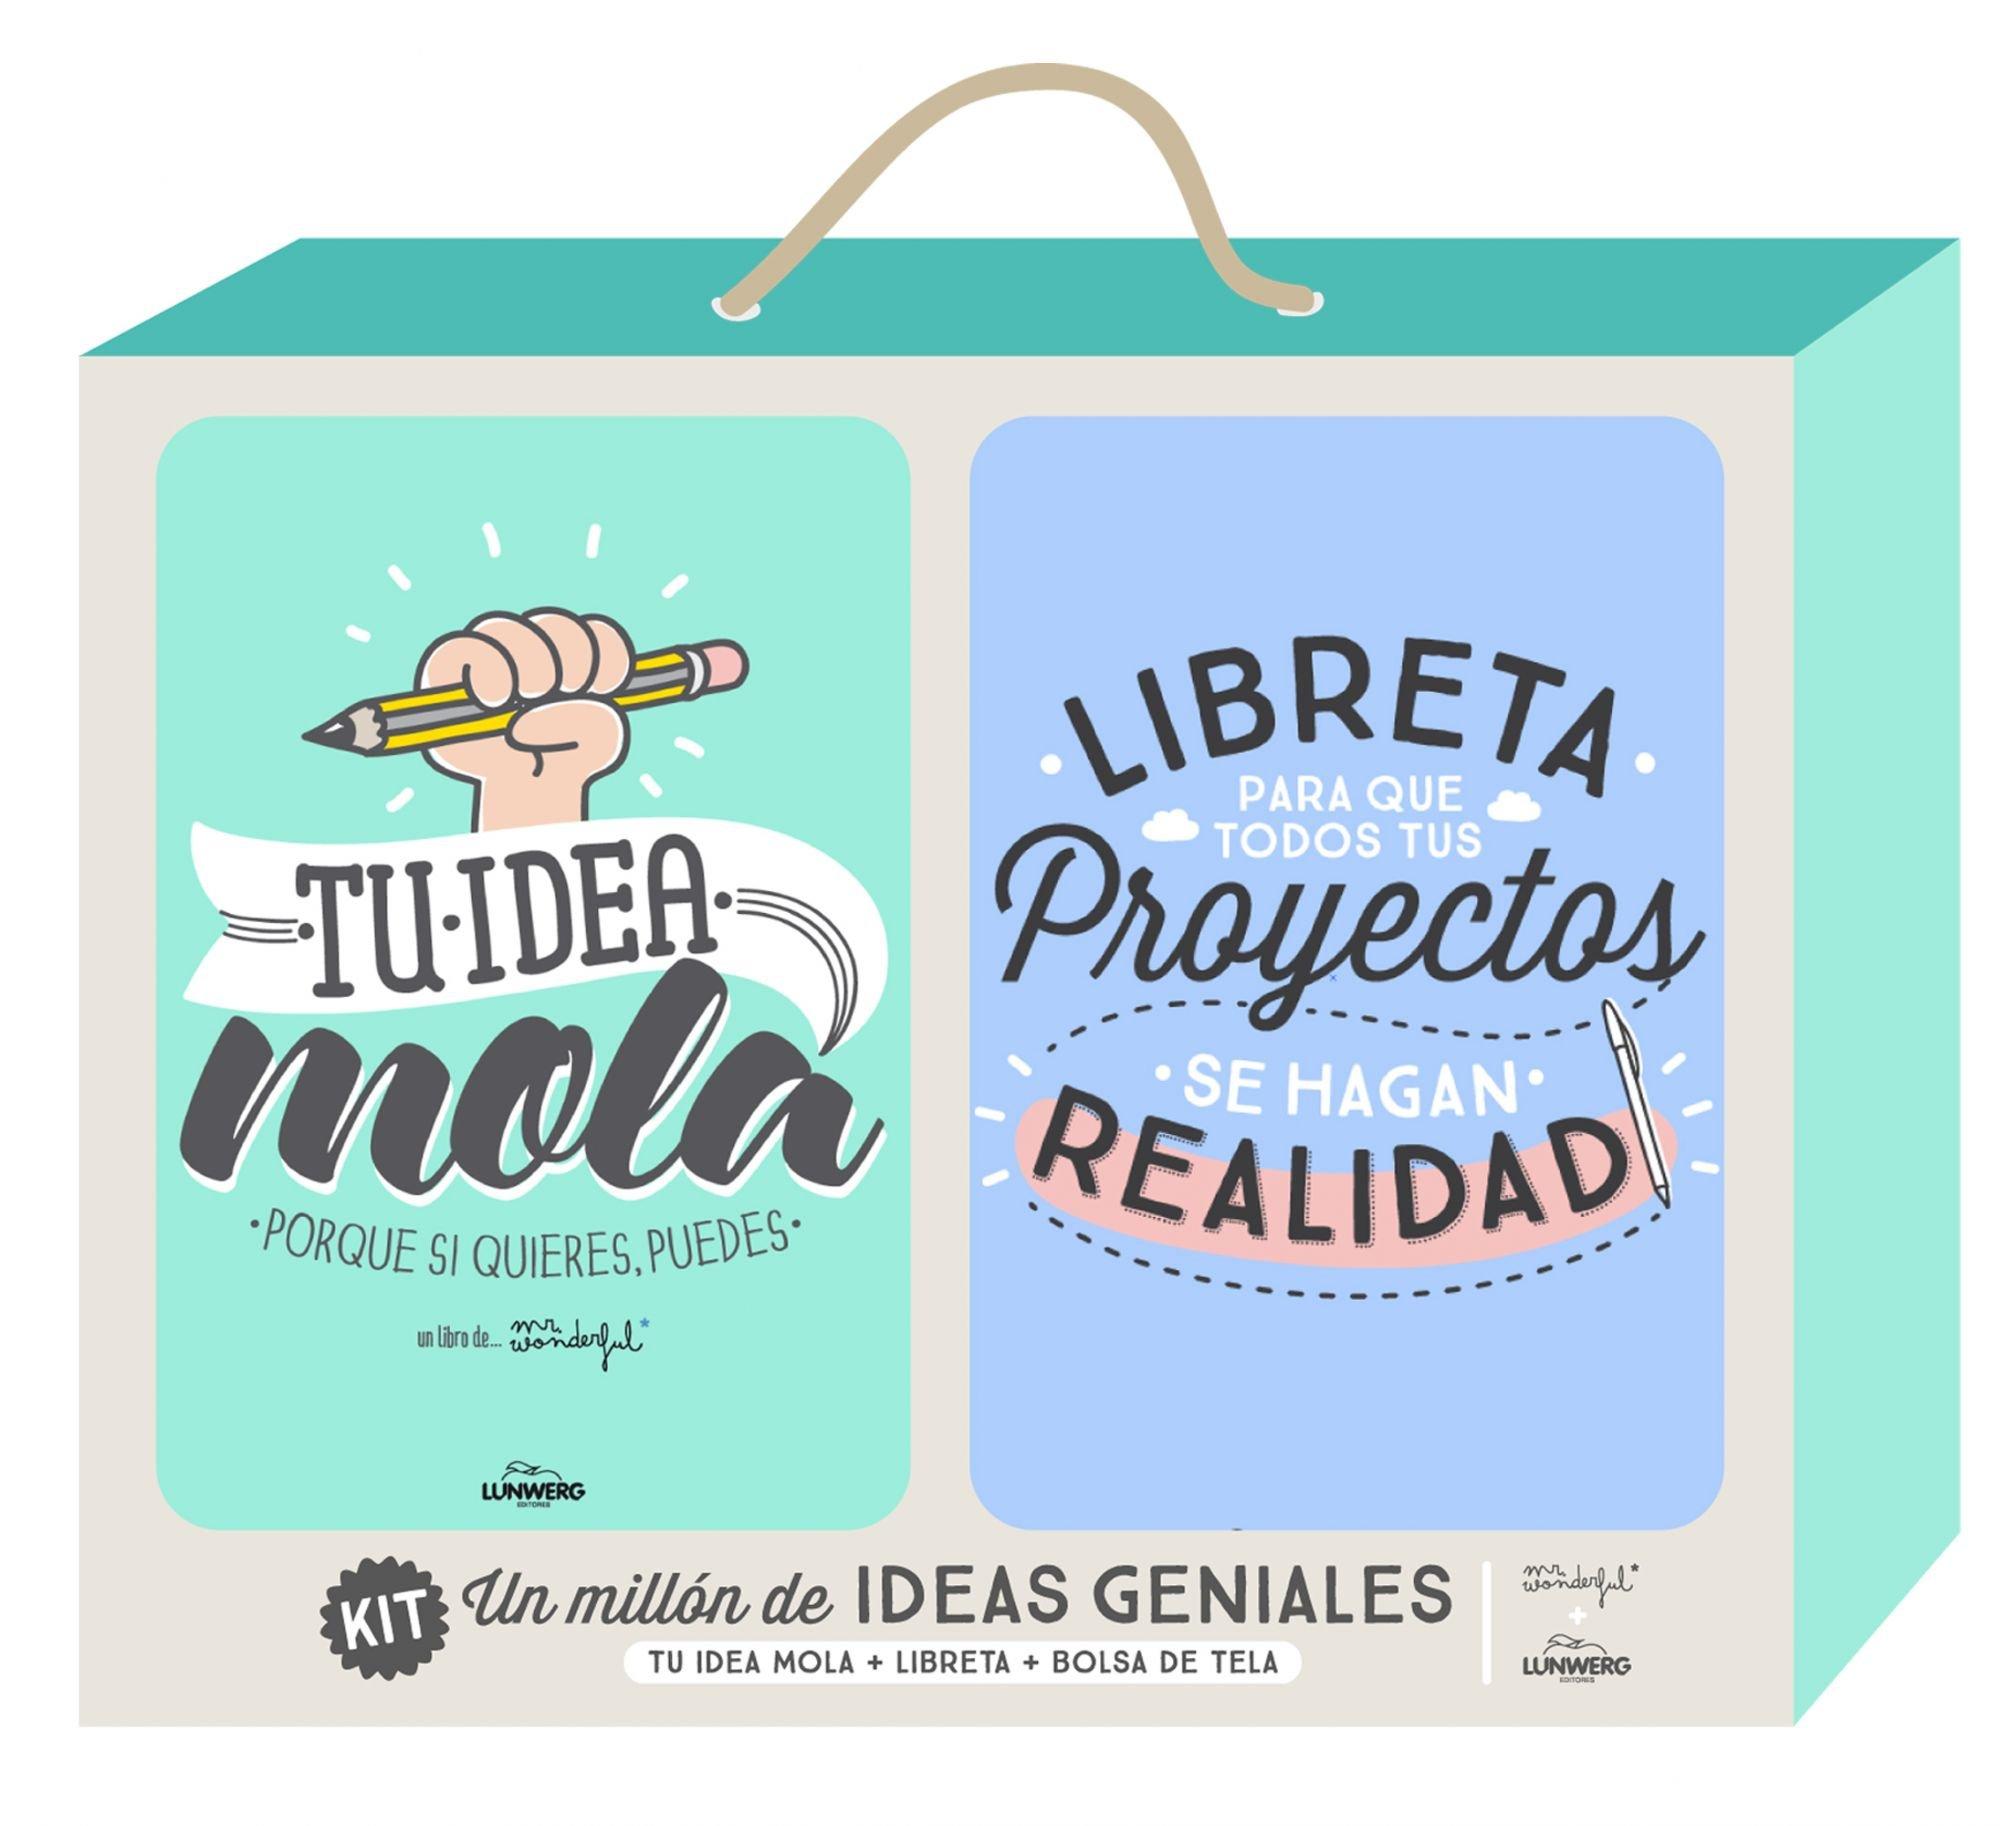 Kit Un millón de ideas geniales (Ilustración): Amazon.es: Mr. Wonderful: Libros